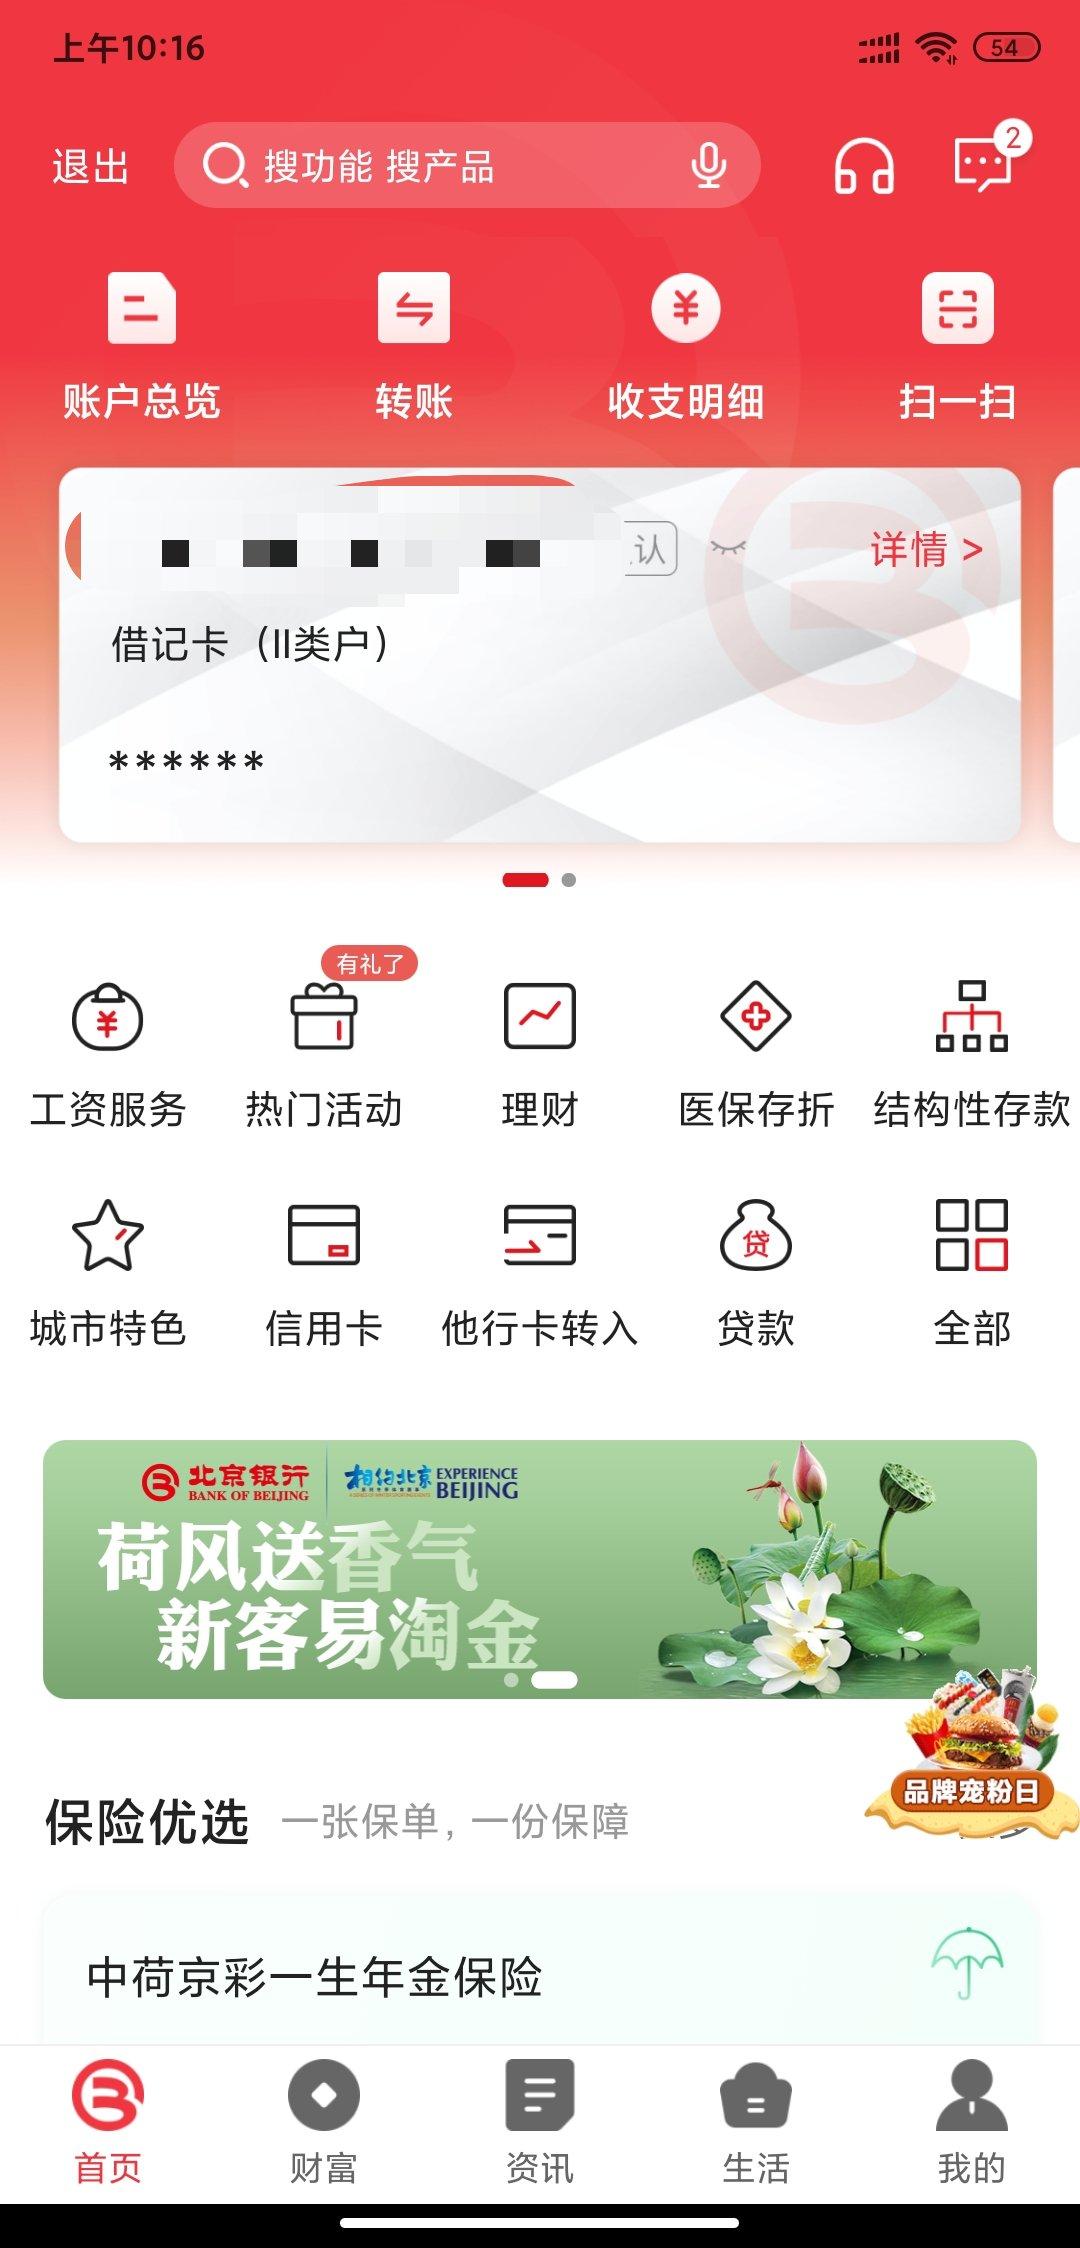 北京银行60元(秒到)10+10+10+30插图